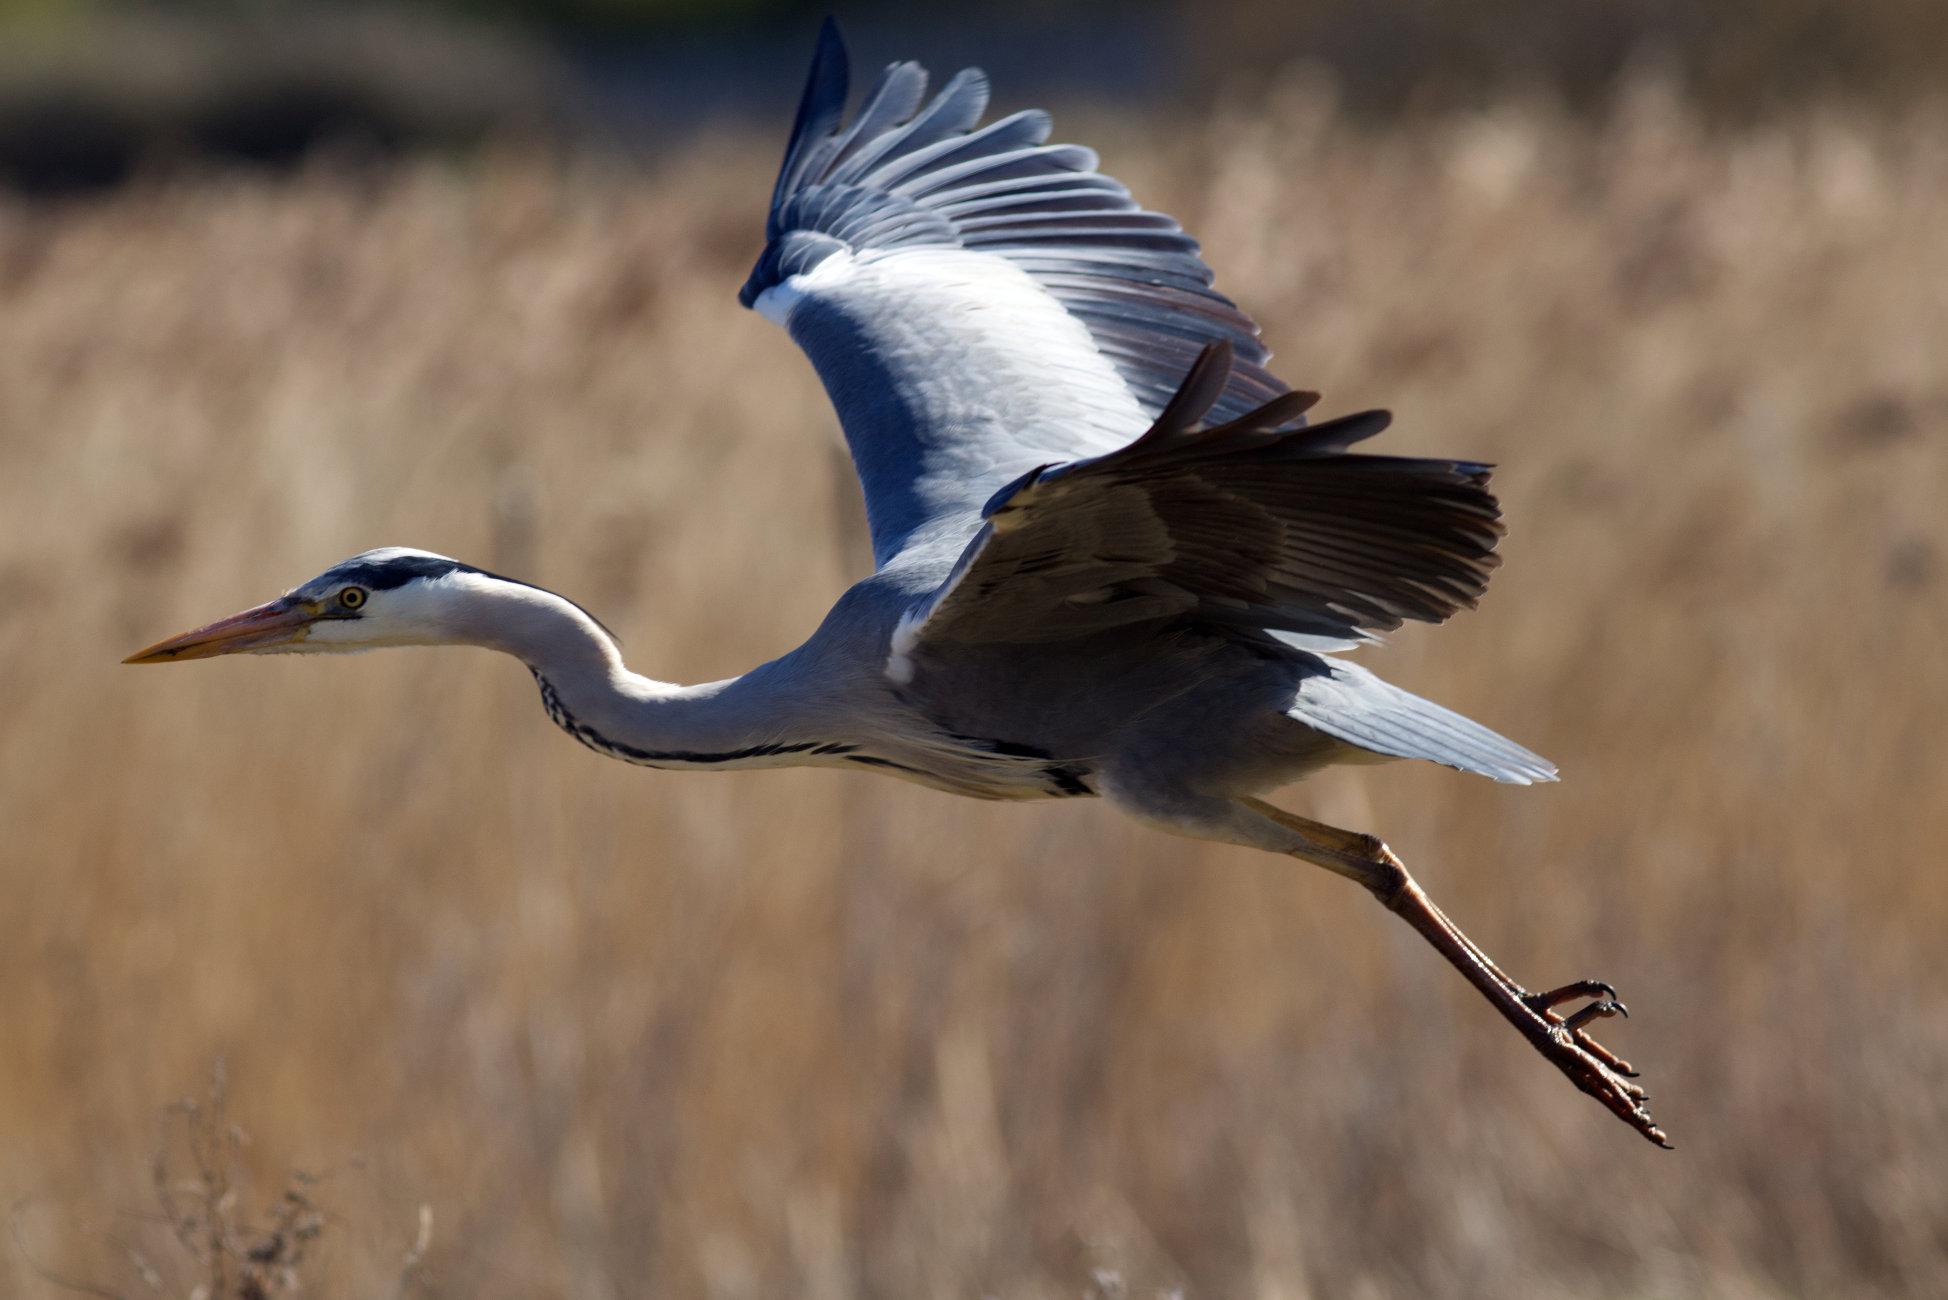 Grey heron on its way.